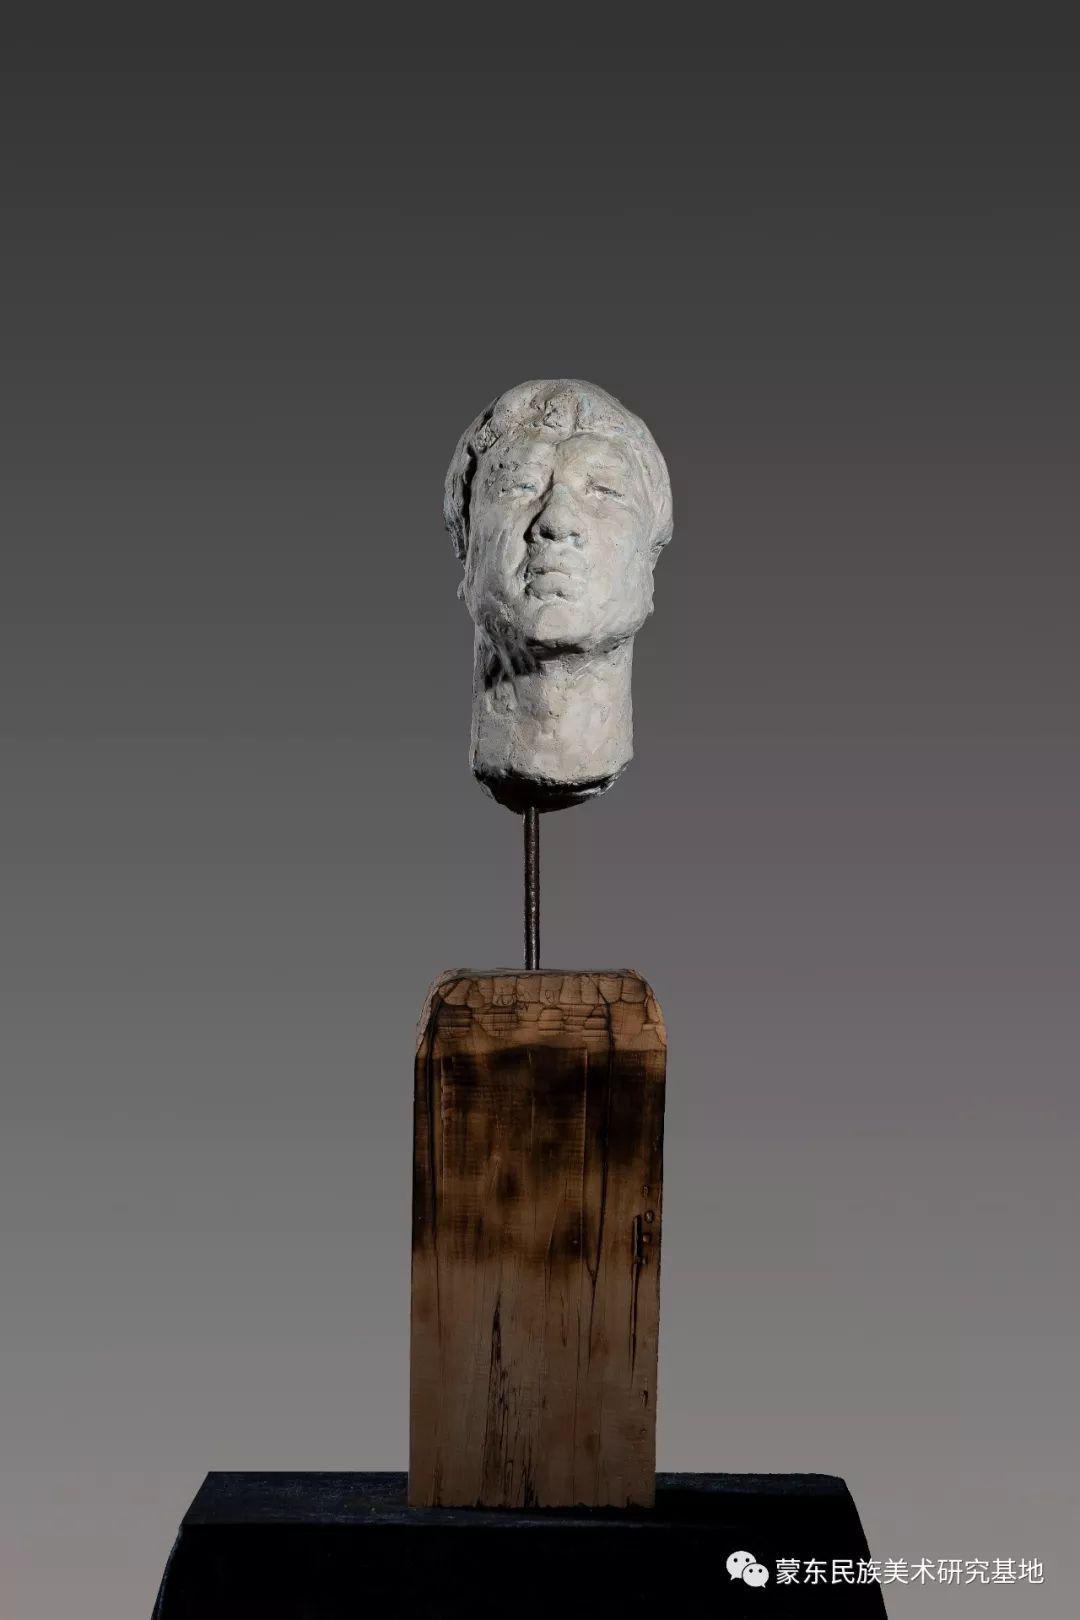 包格日乐吐作品——头像雕塑系列(二) 第13张 包格日乐吐作品——头像雕塑系列(二) 蒙古画廊